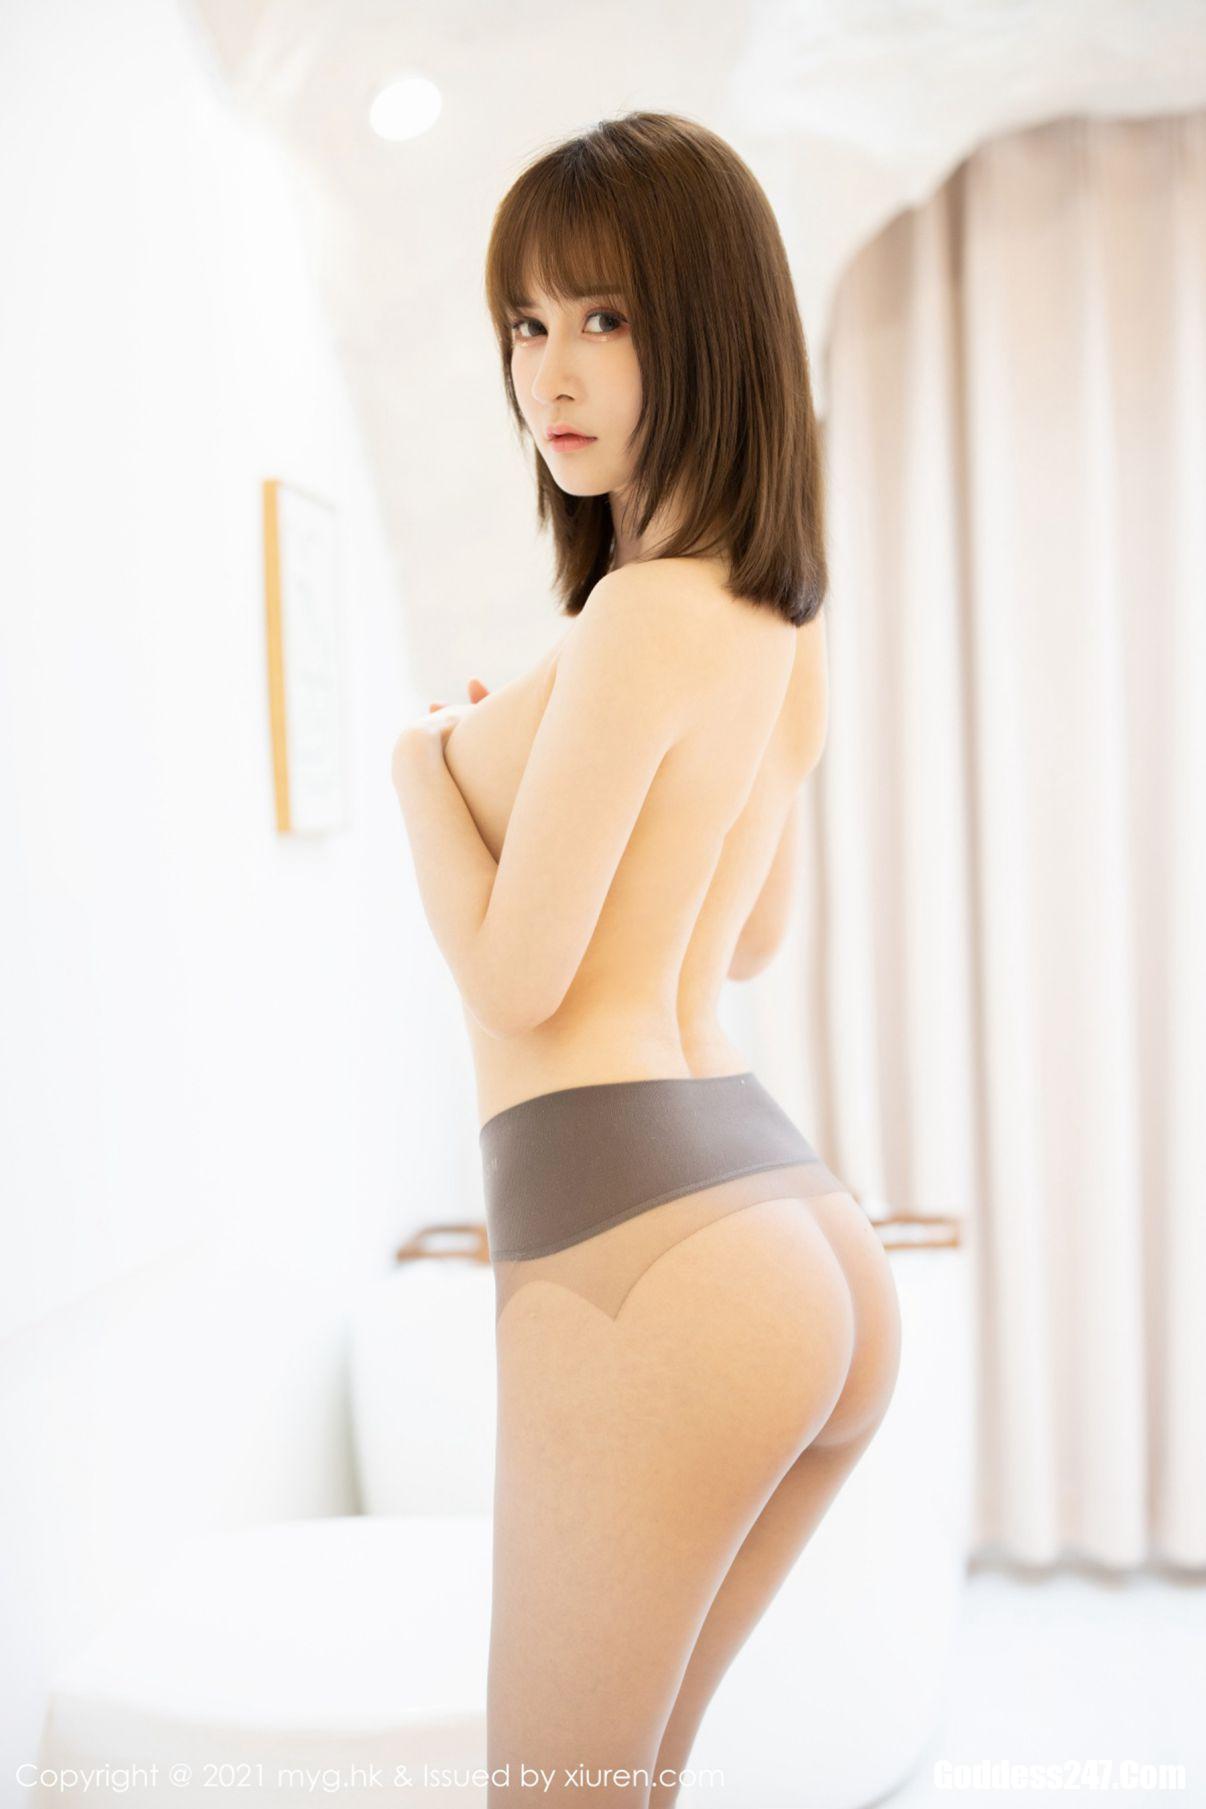 蔡文钰Abby, MyGirl美媛馆 Vol.524 蔡文钰Abby, MyGirl美媛馆 Vol.524, Cai Wen Yu Abby